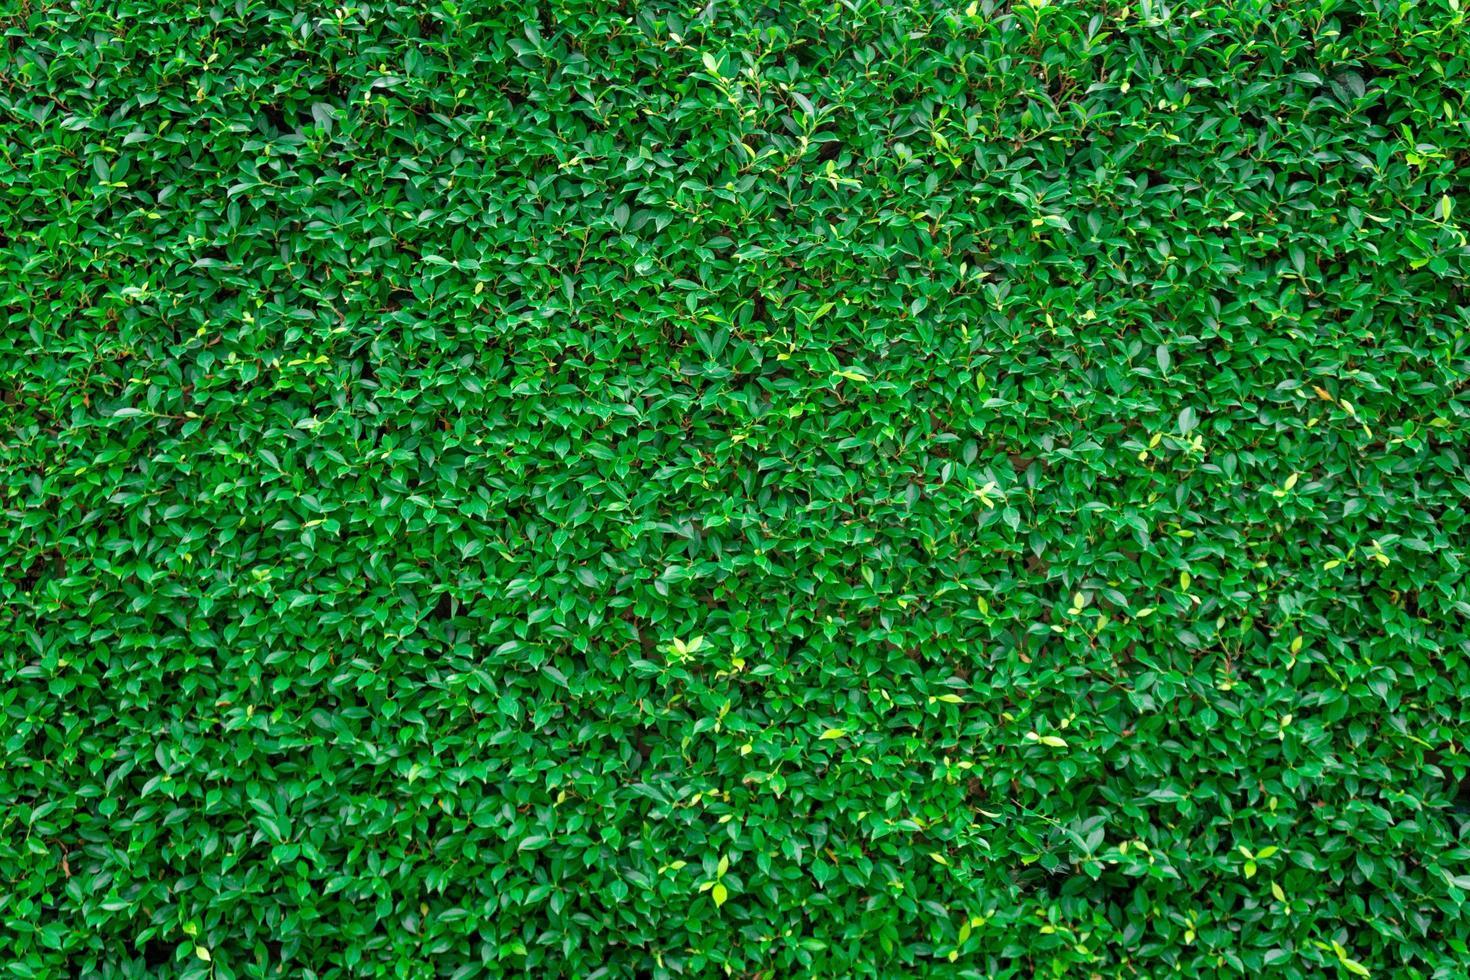 gras muur textuur en achtergrond foto